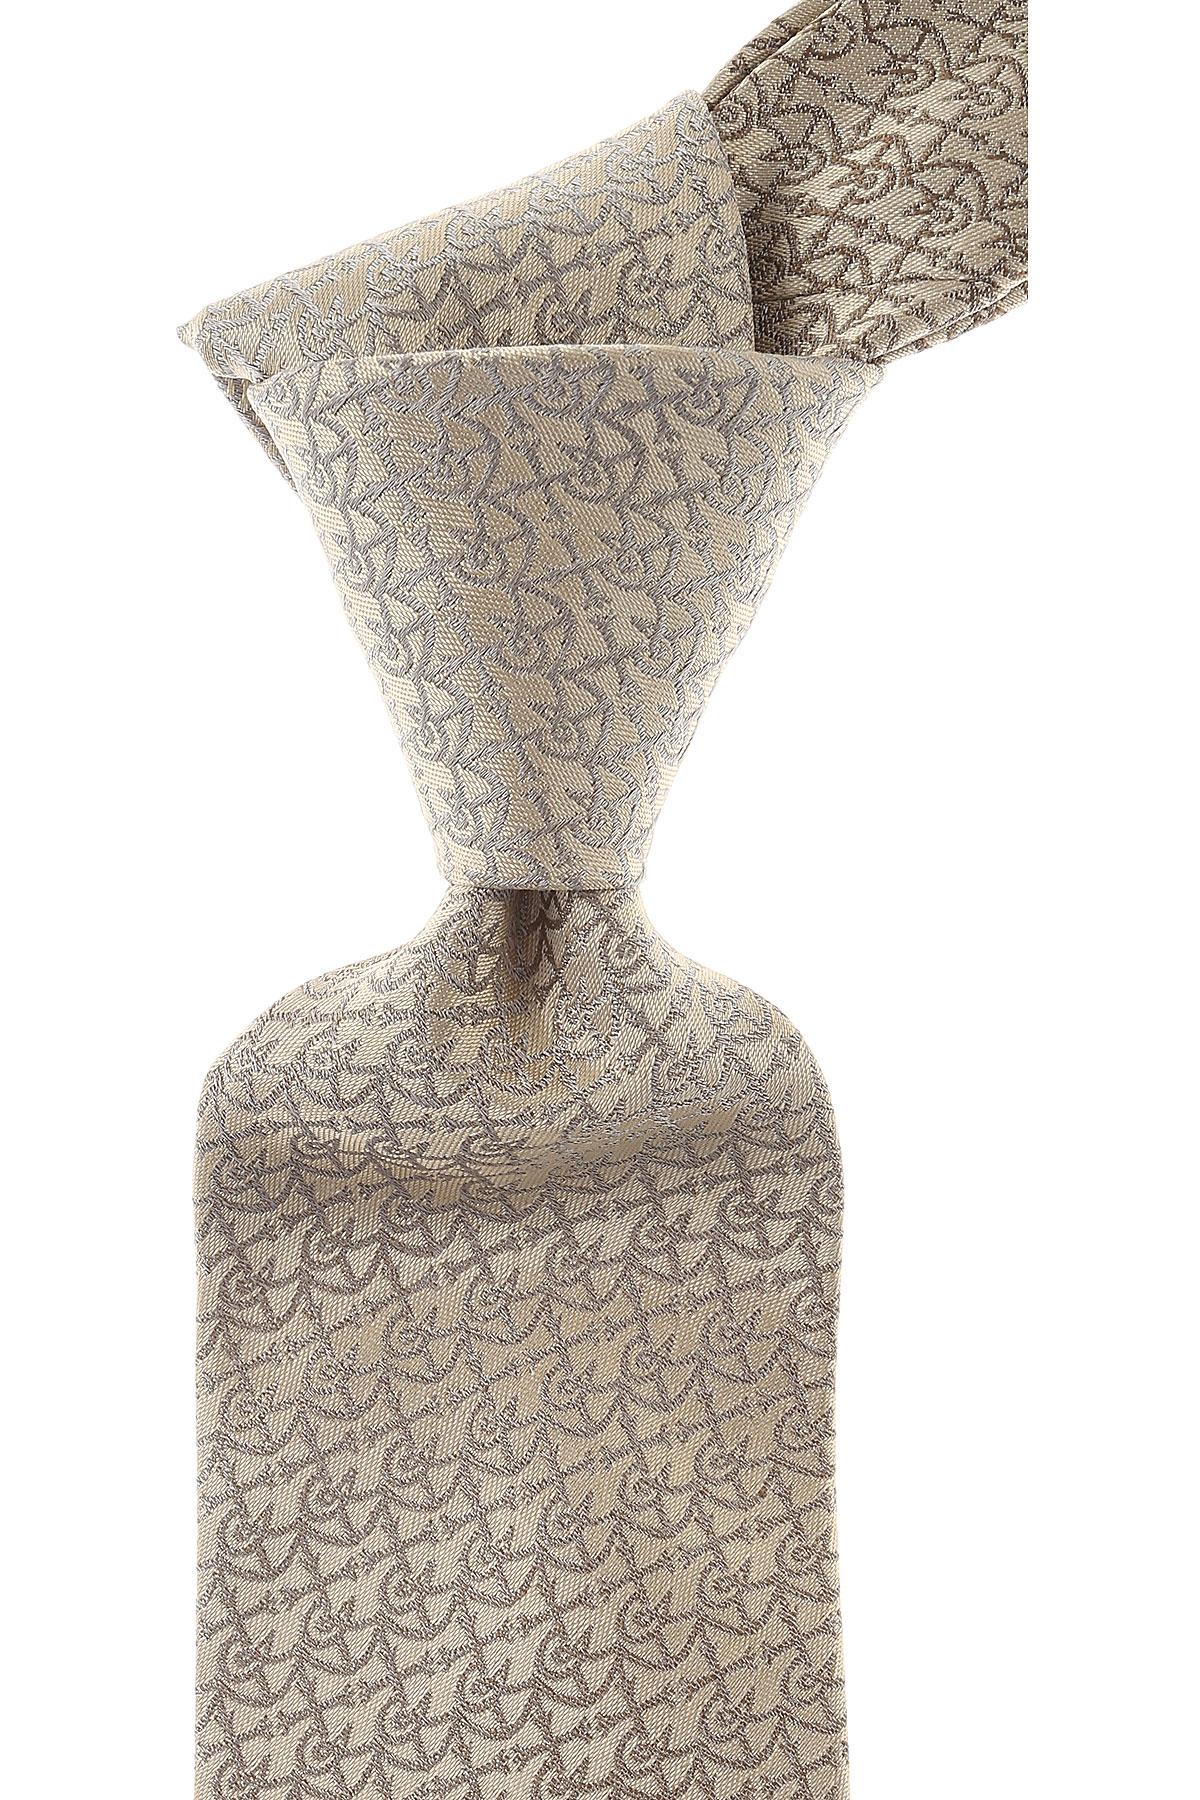 Cravates Christian Lacroix Pas cher en Soldes, Champagne, Soie, 2017